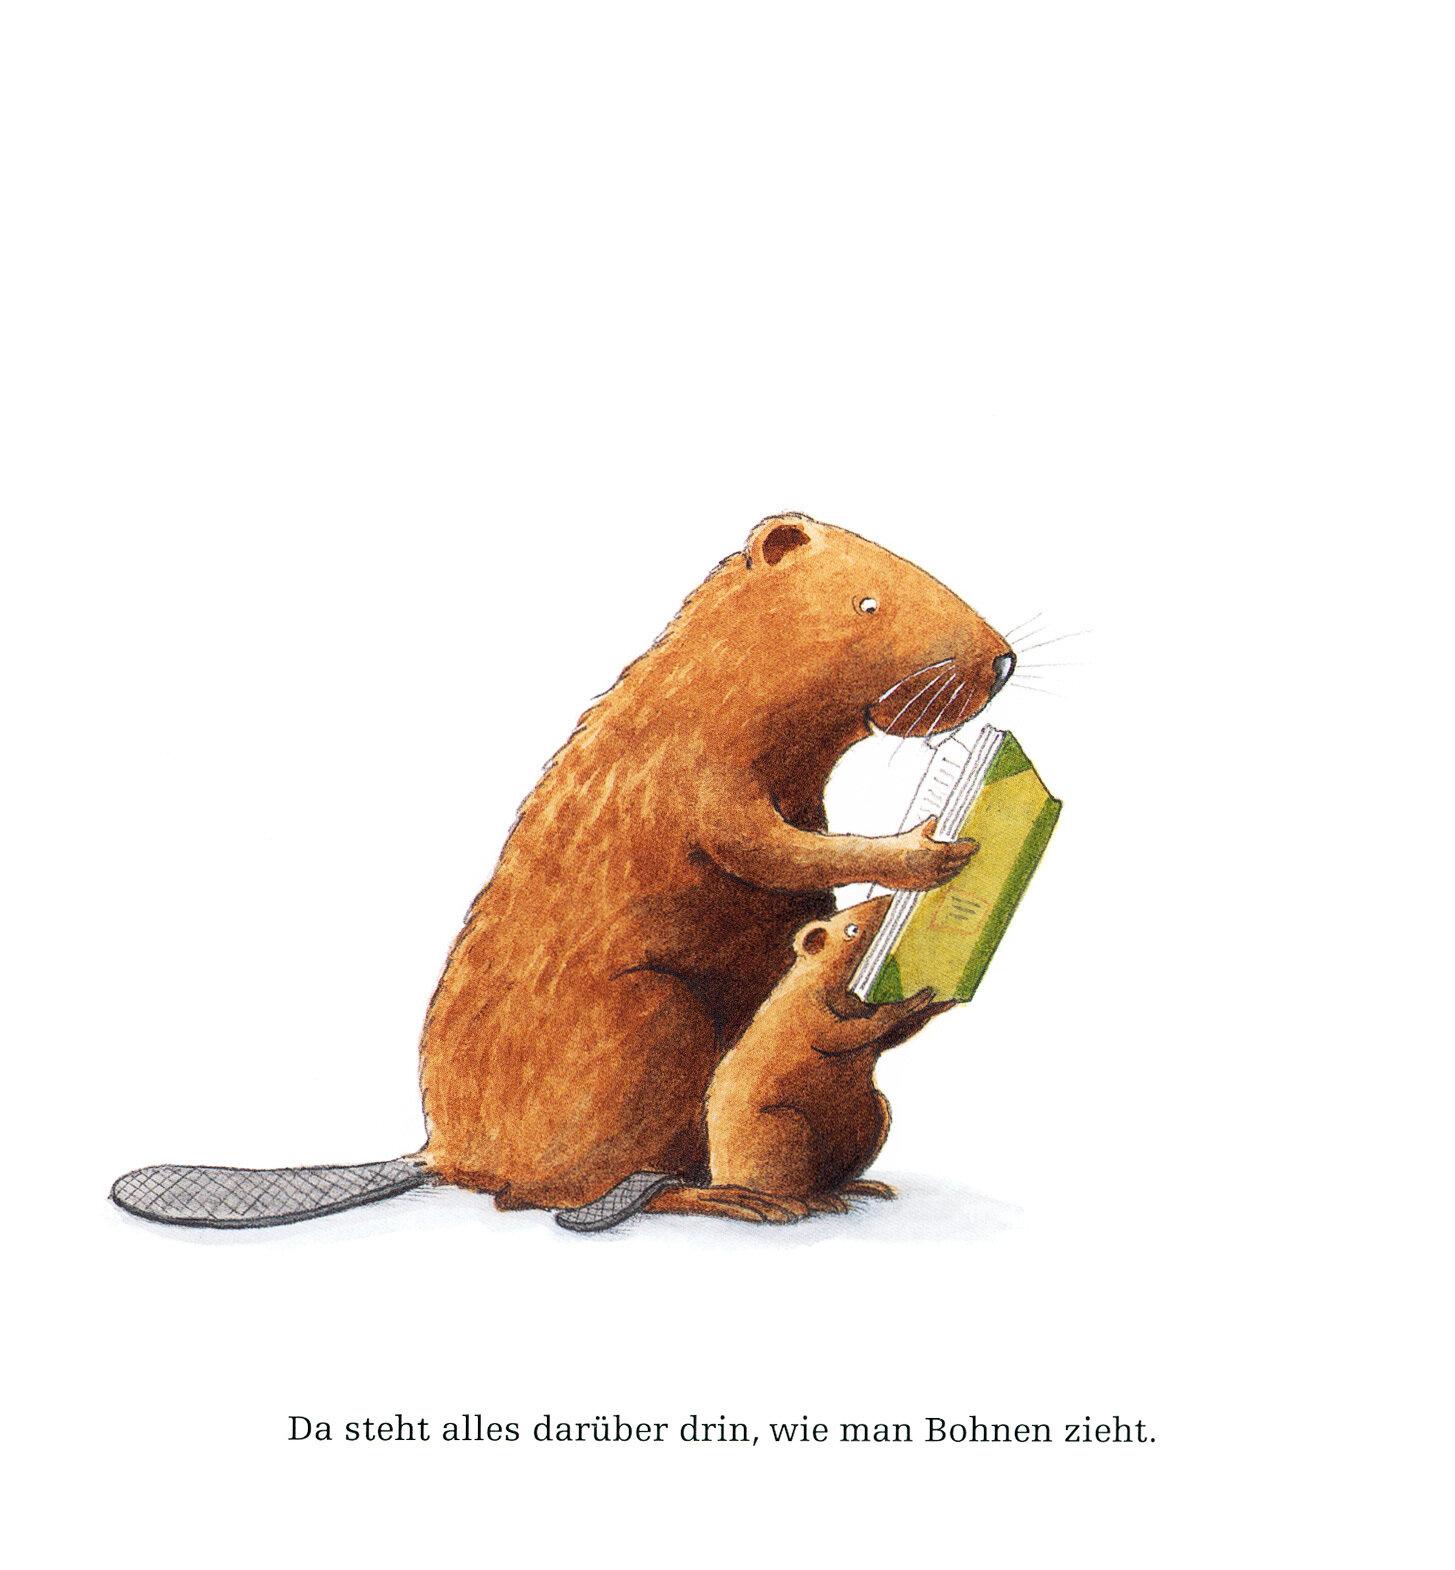 kasimir_pflanzt_wei_e_bohnen_kinderbuch_von_oetinge_illustration_bieber